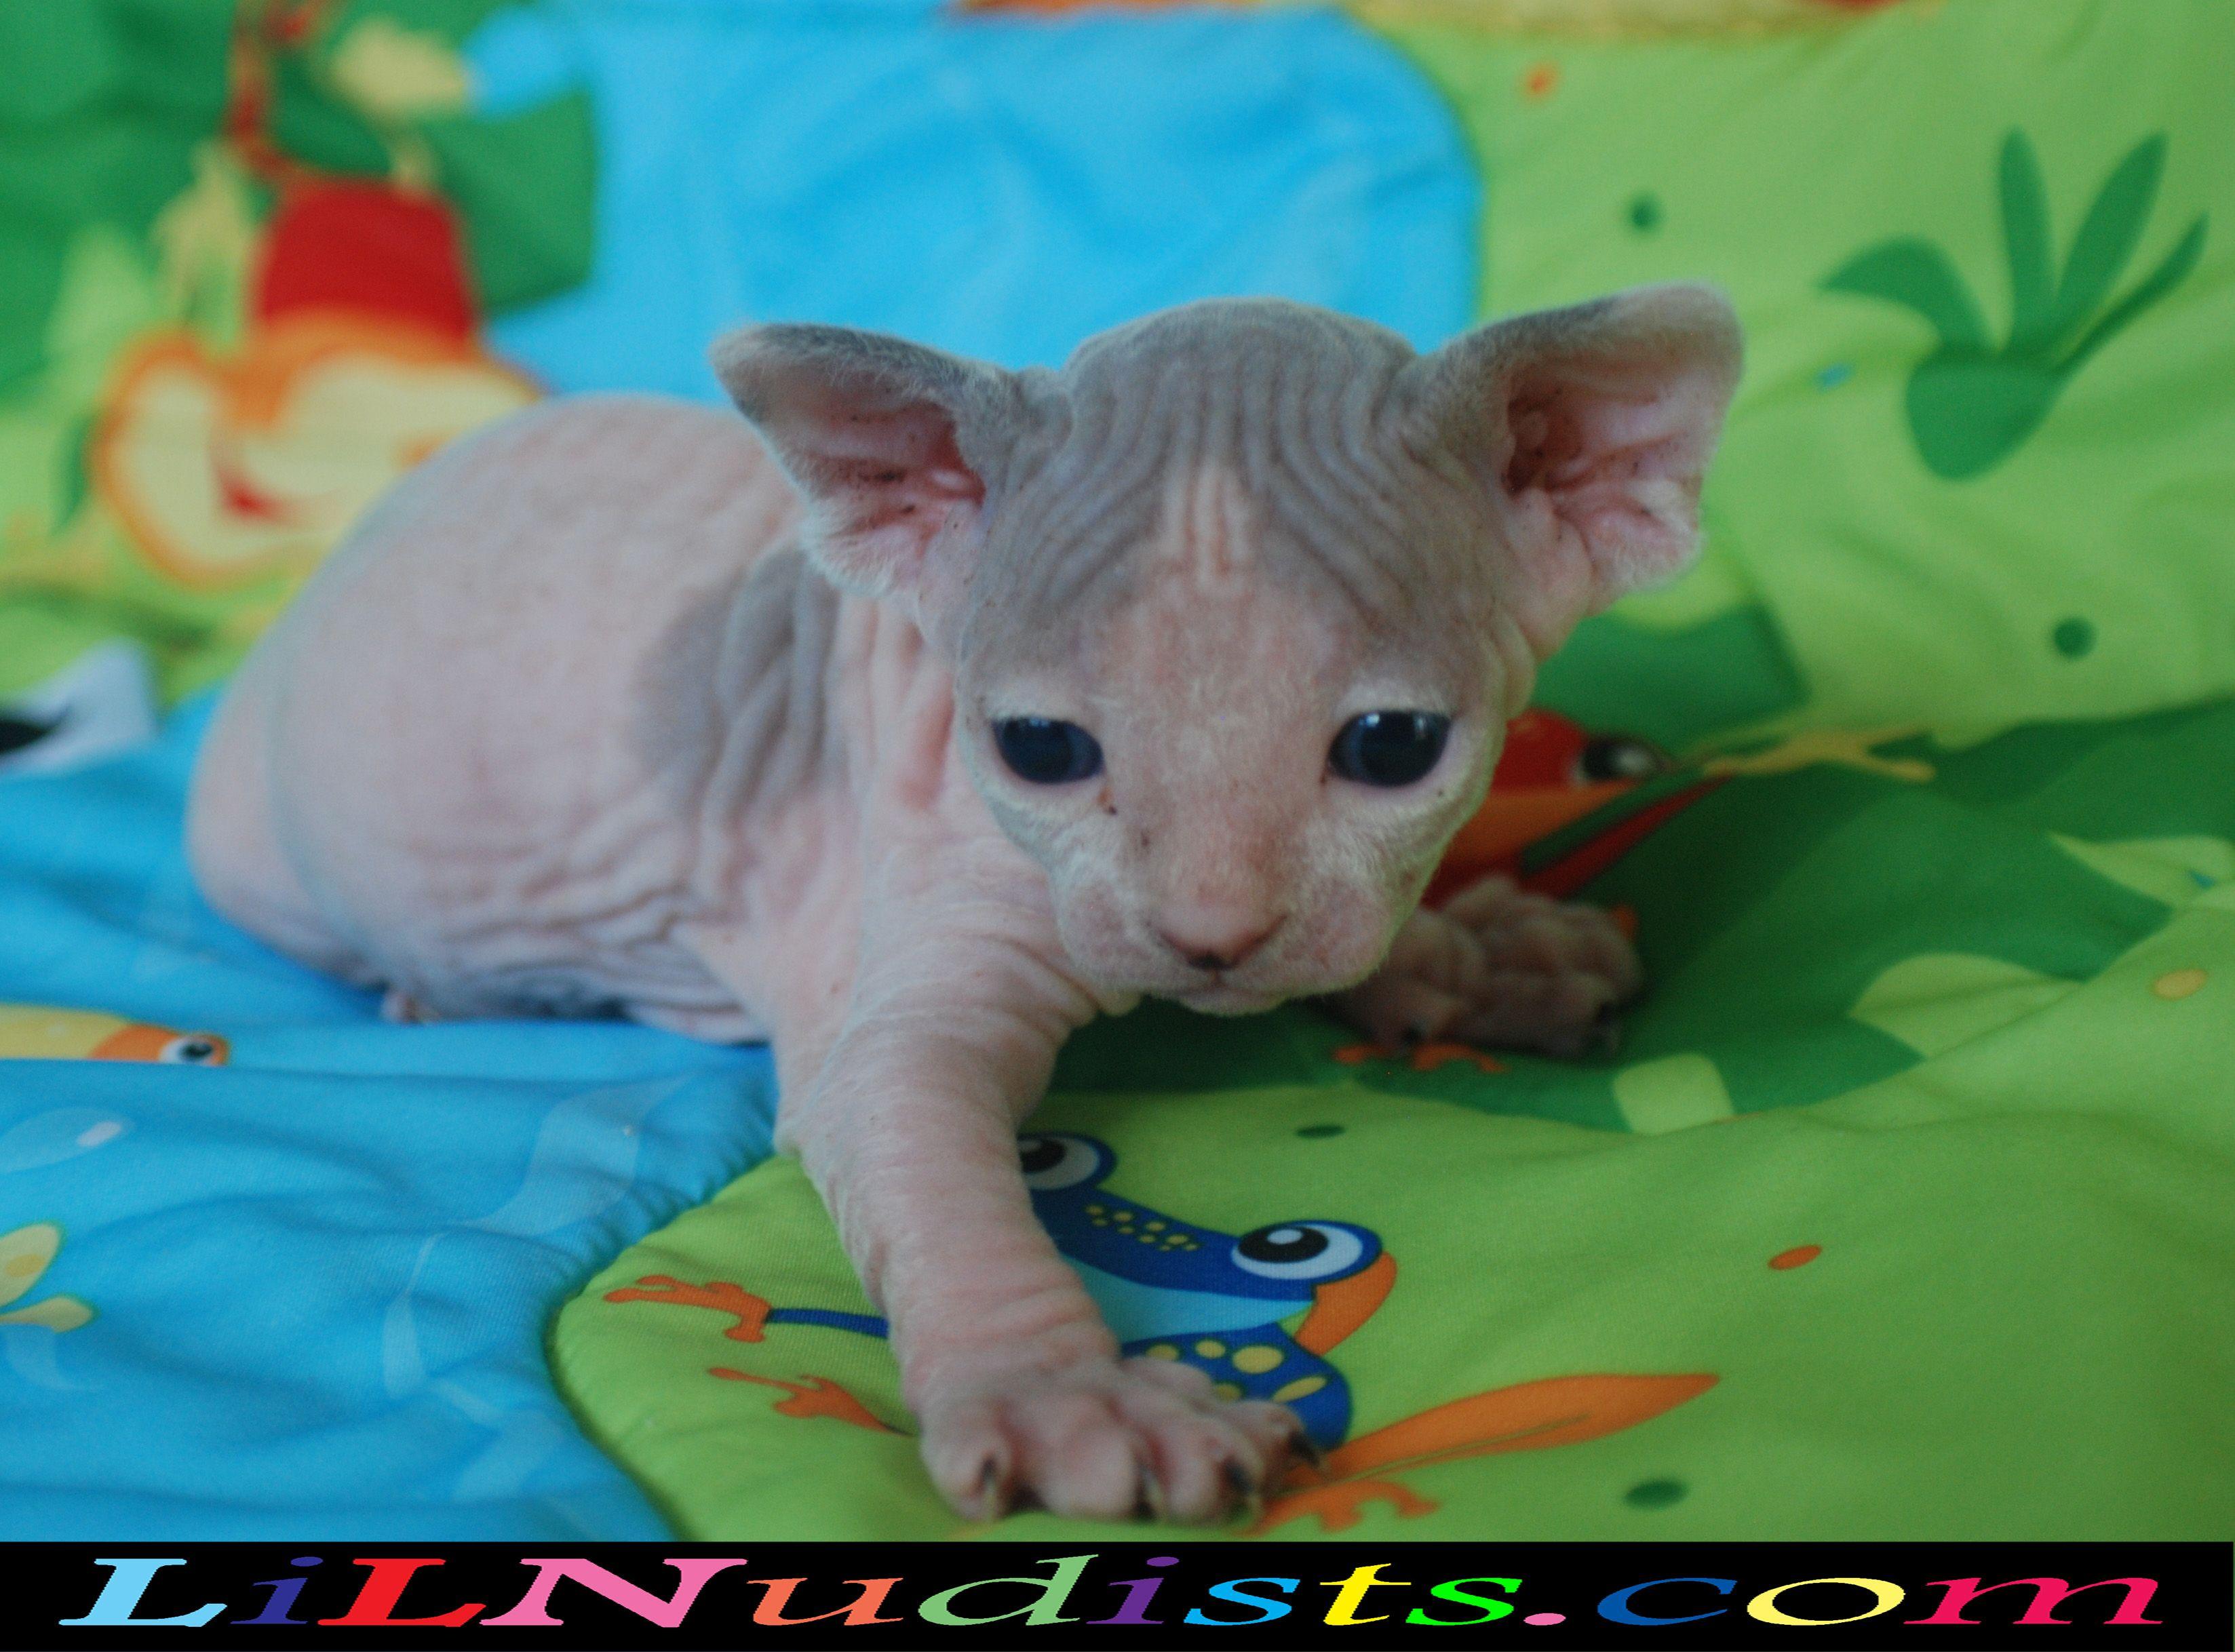 Bambino Sphynx Hairless Dwarf Cats Kittens Bambino Cat Hairless Cat Dwarf Cat